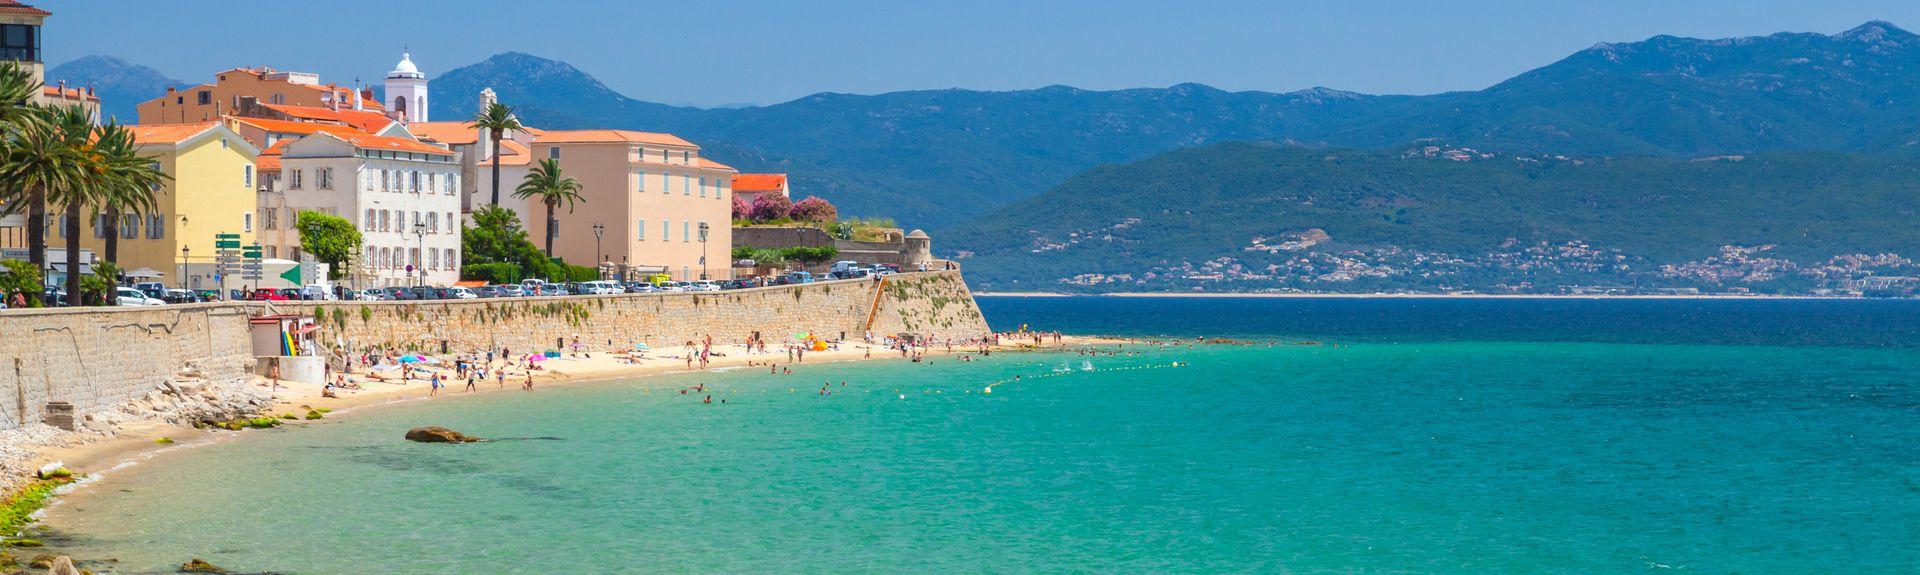 Ajaccio, Corse-du-Sud, France